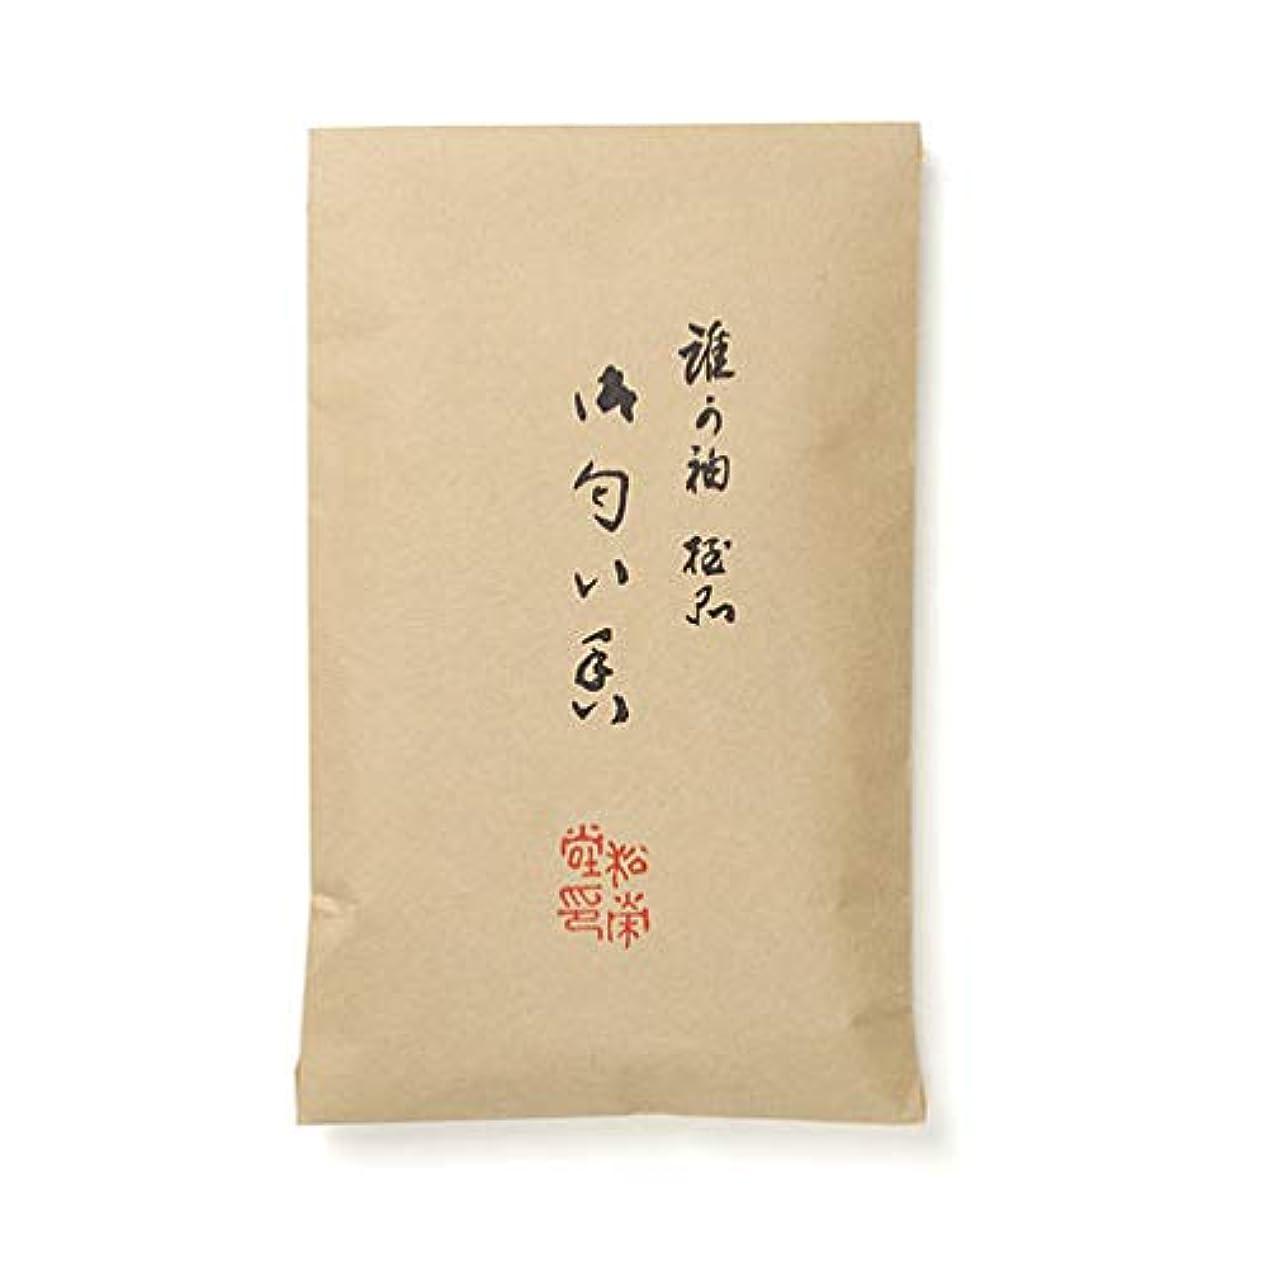 シンクピック白鳥松栄堂 誰が袖 極品 匂い香 50g袋入